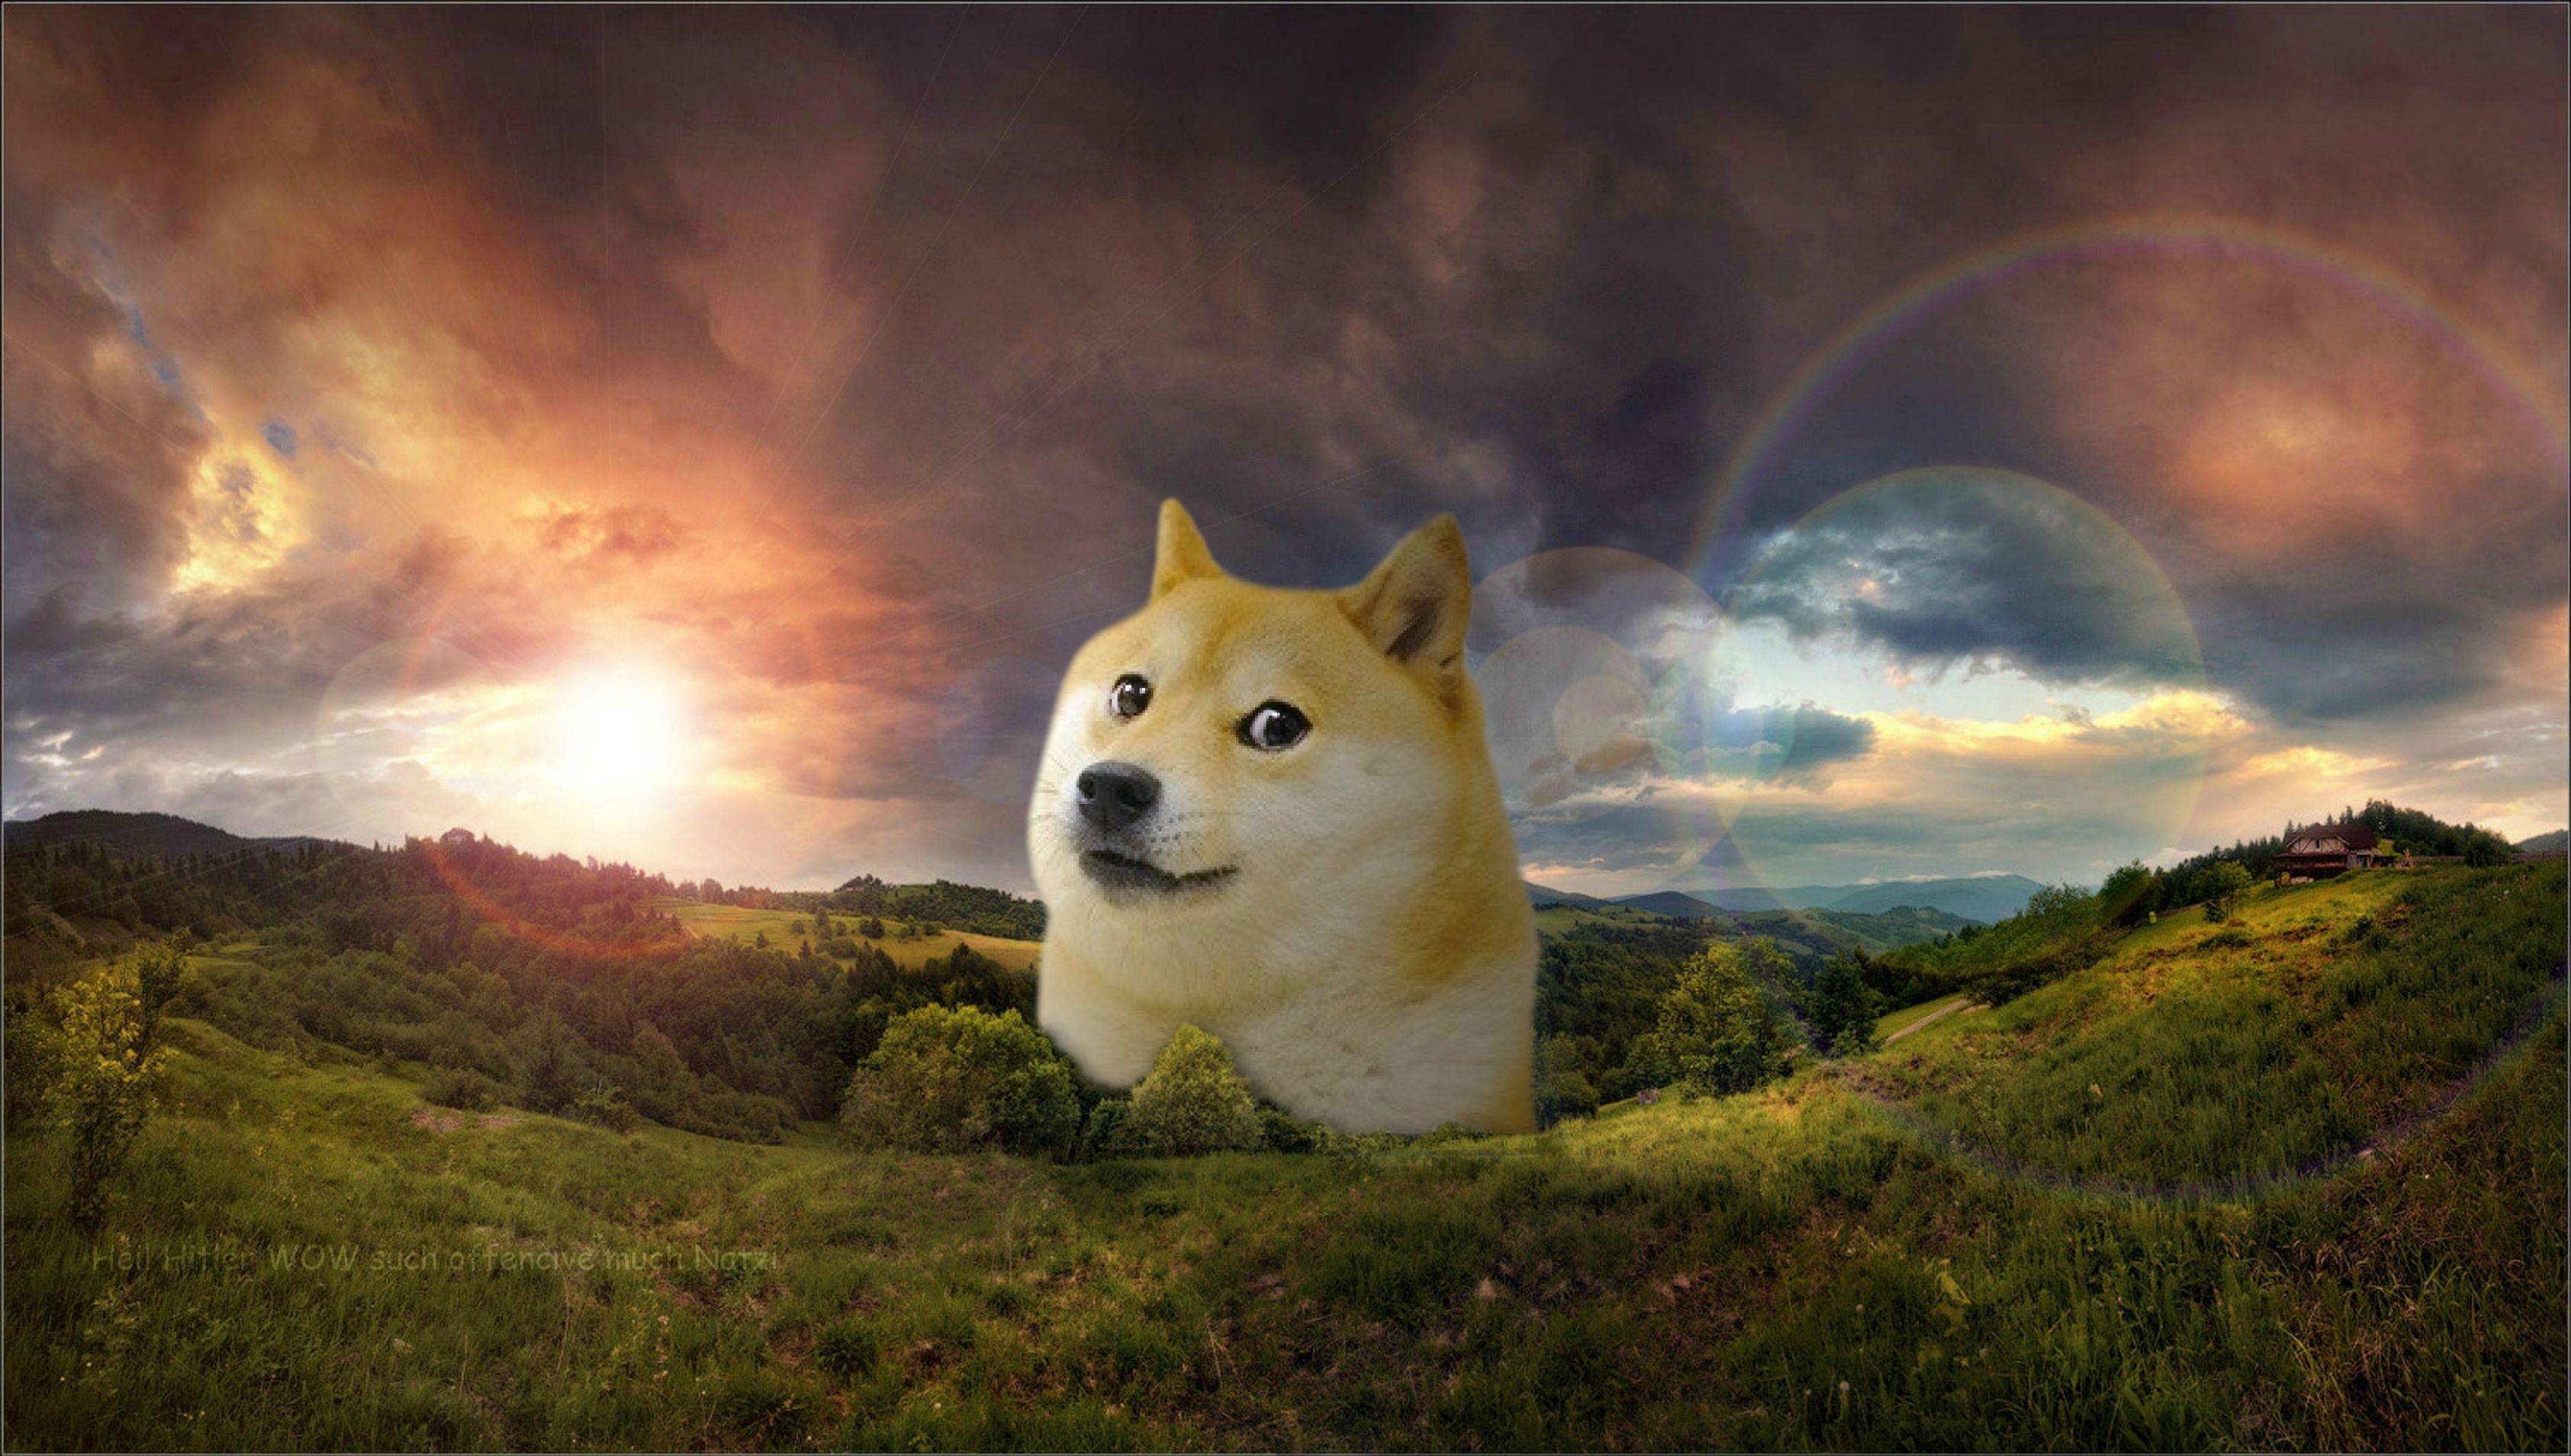 doge twinkie wallpaper hankd9 - photo #27